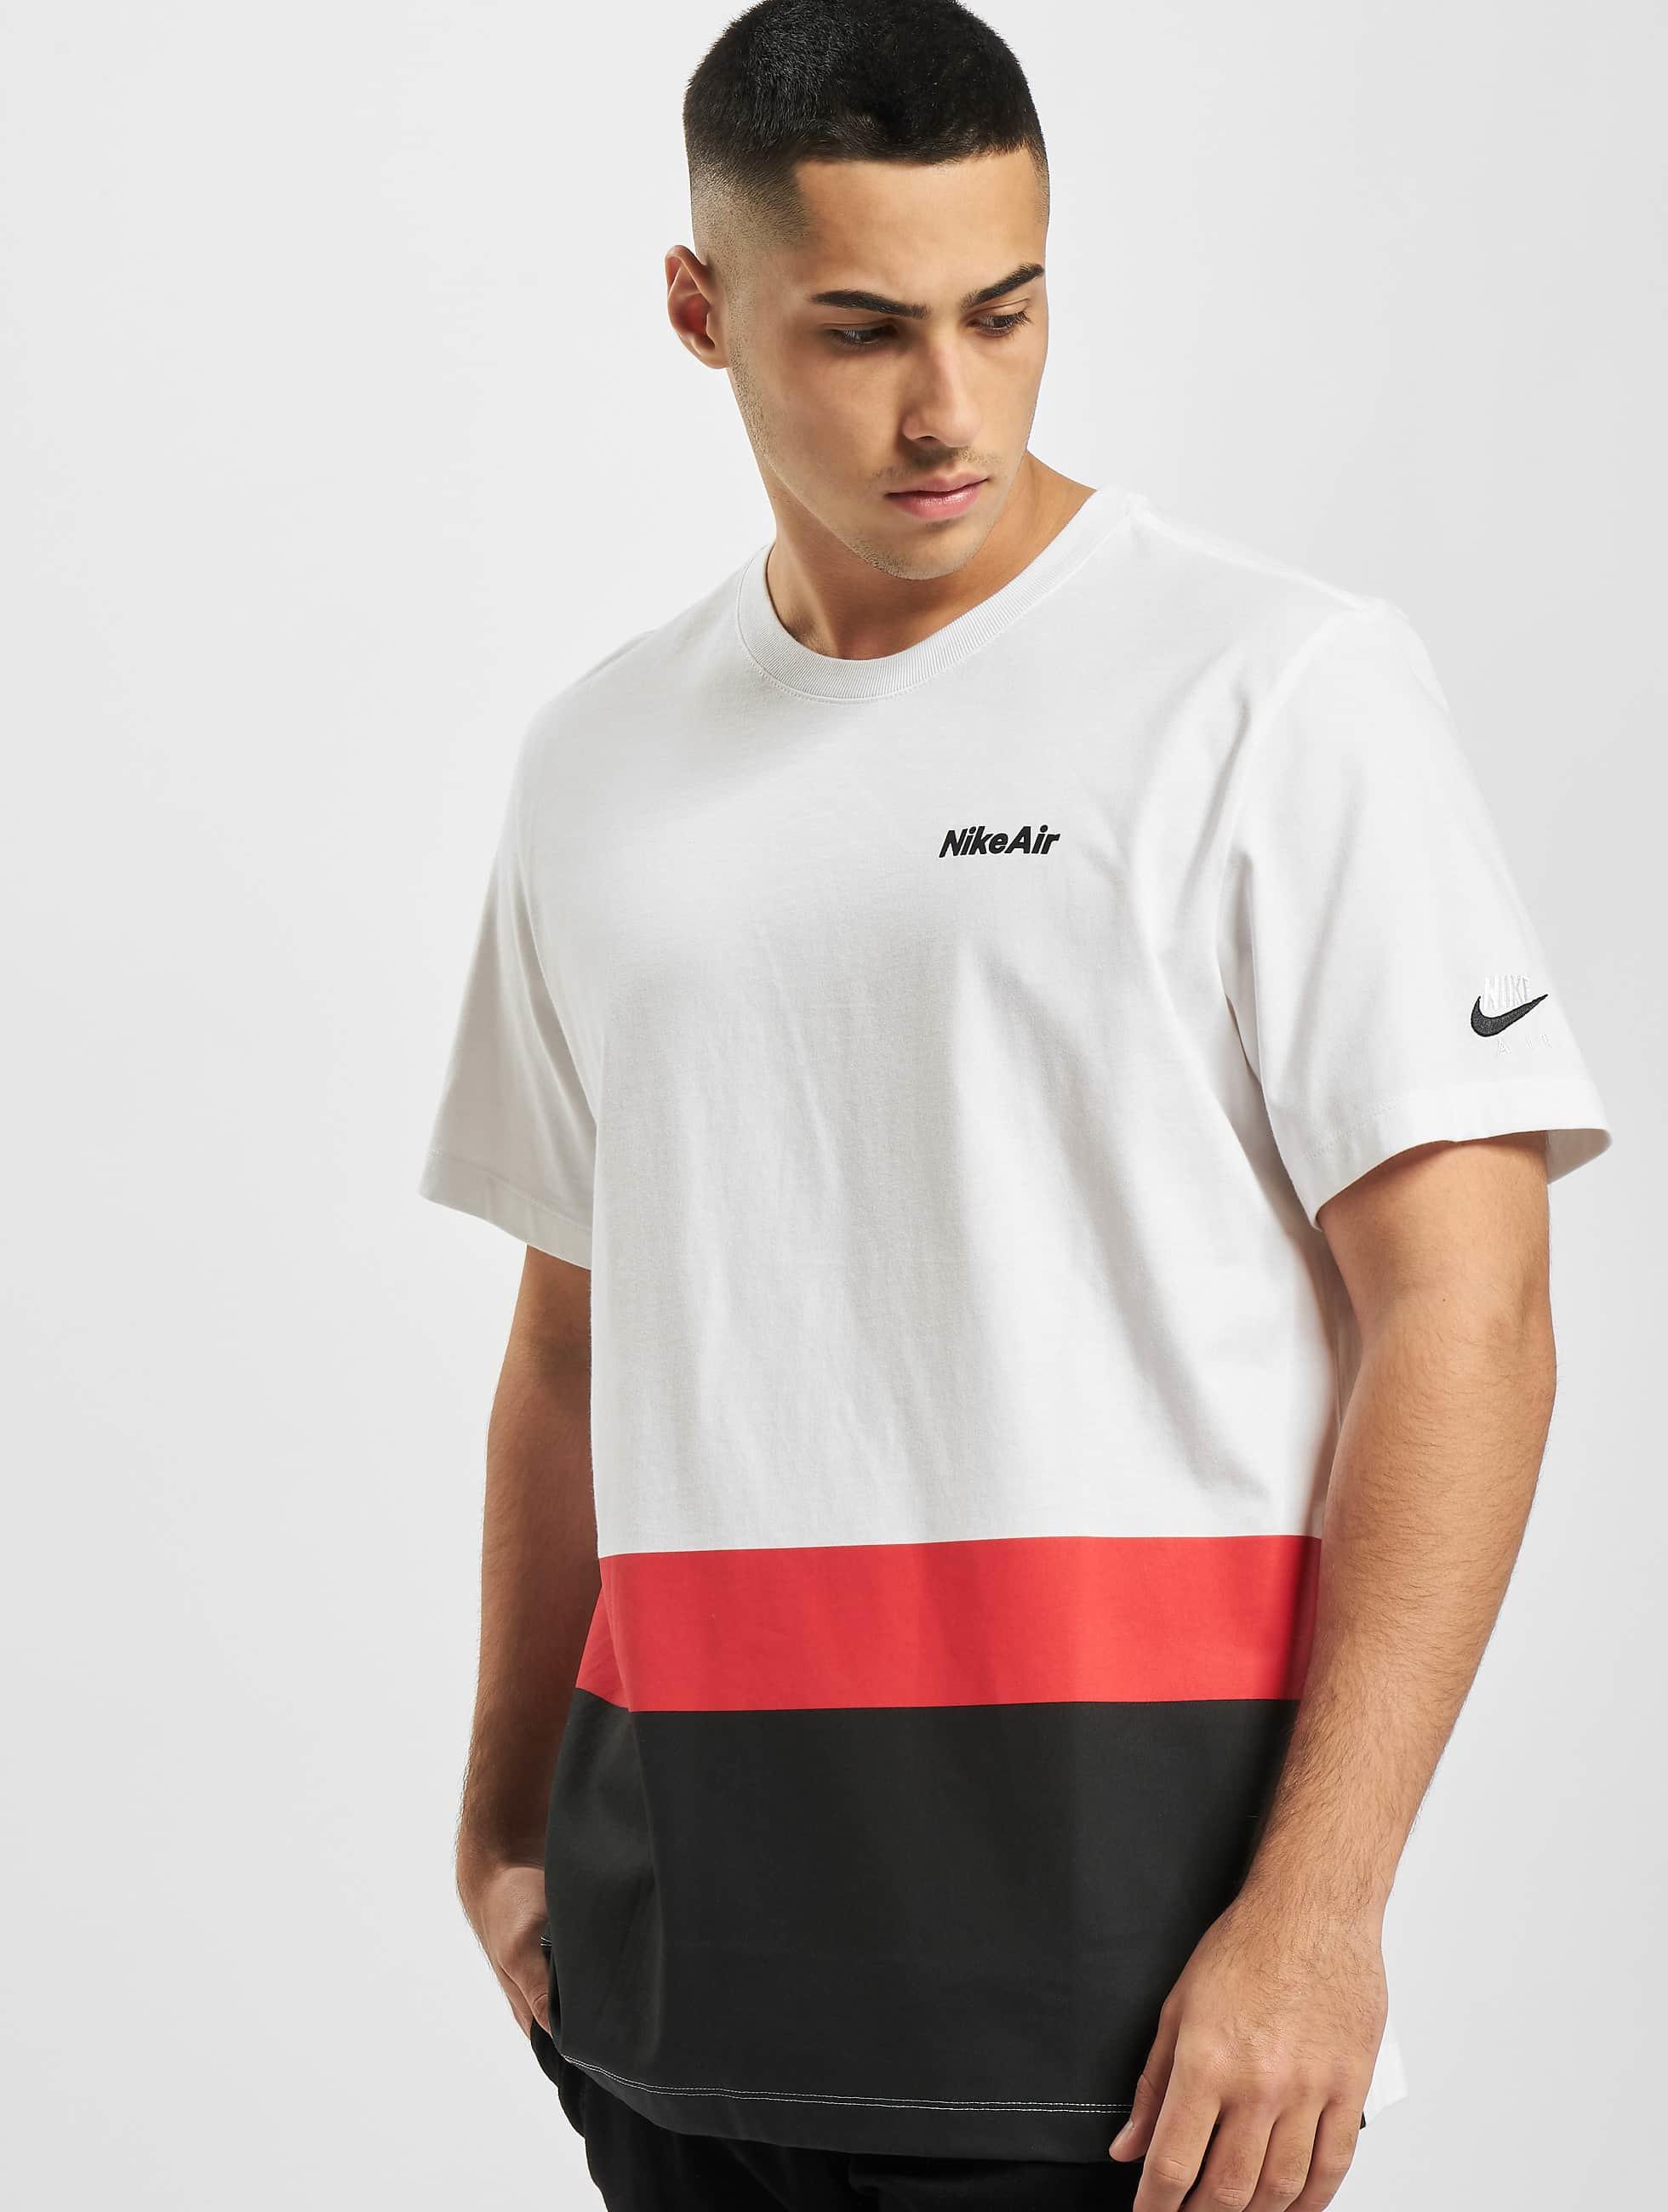 Nike Air Blocked T Shirt WhiteUniversity Red